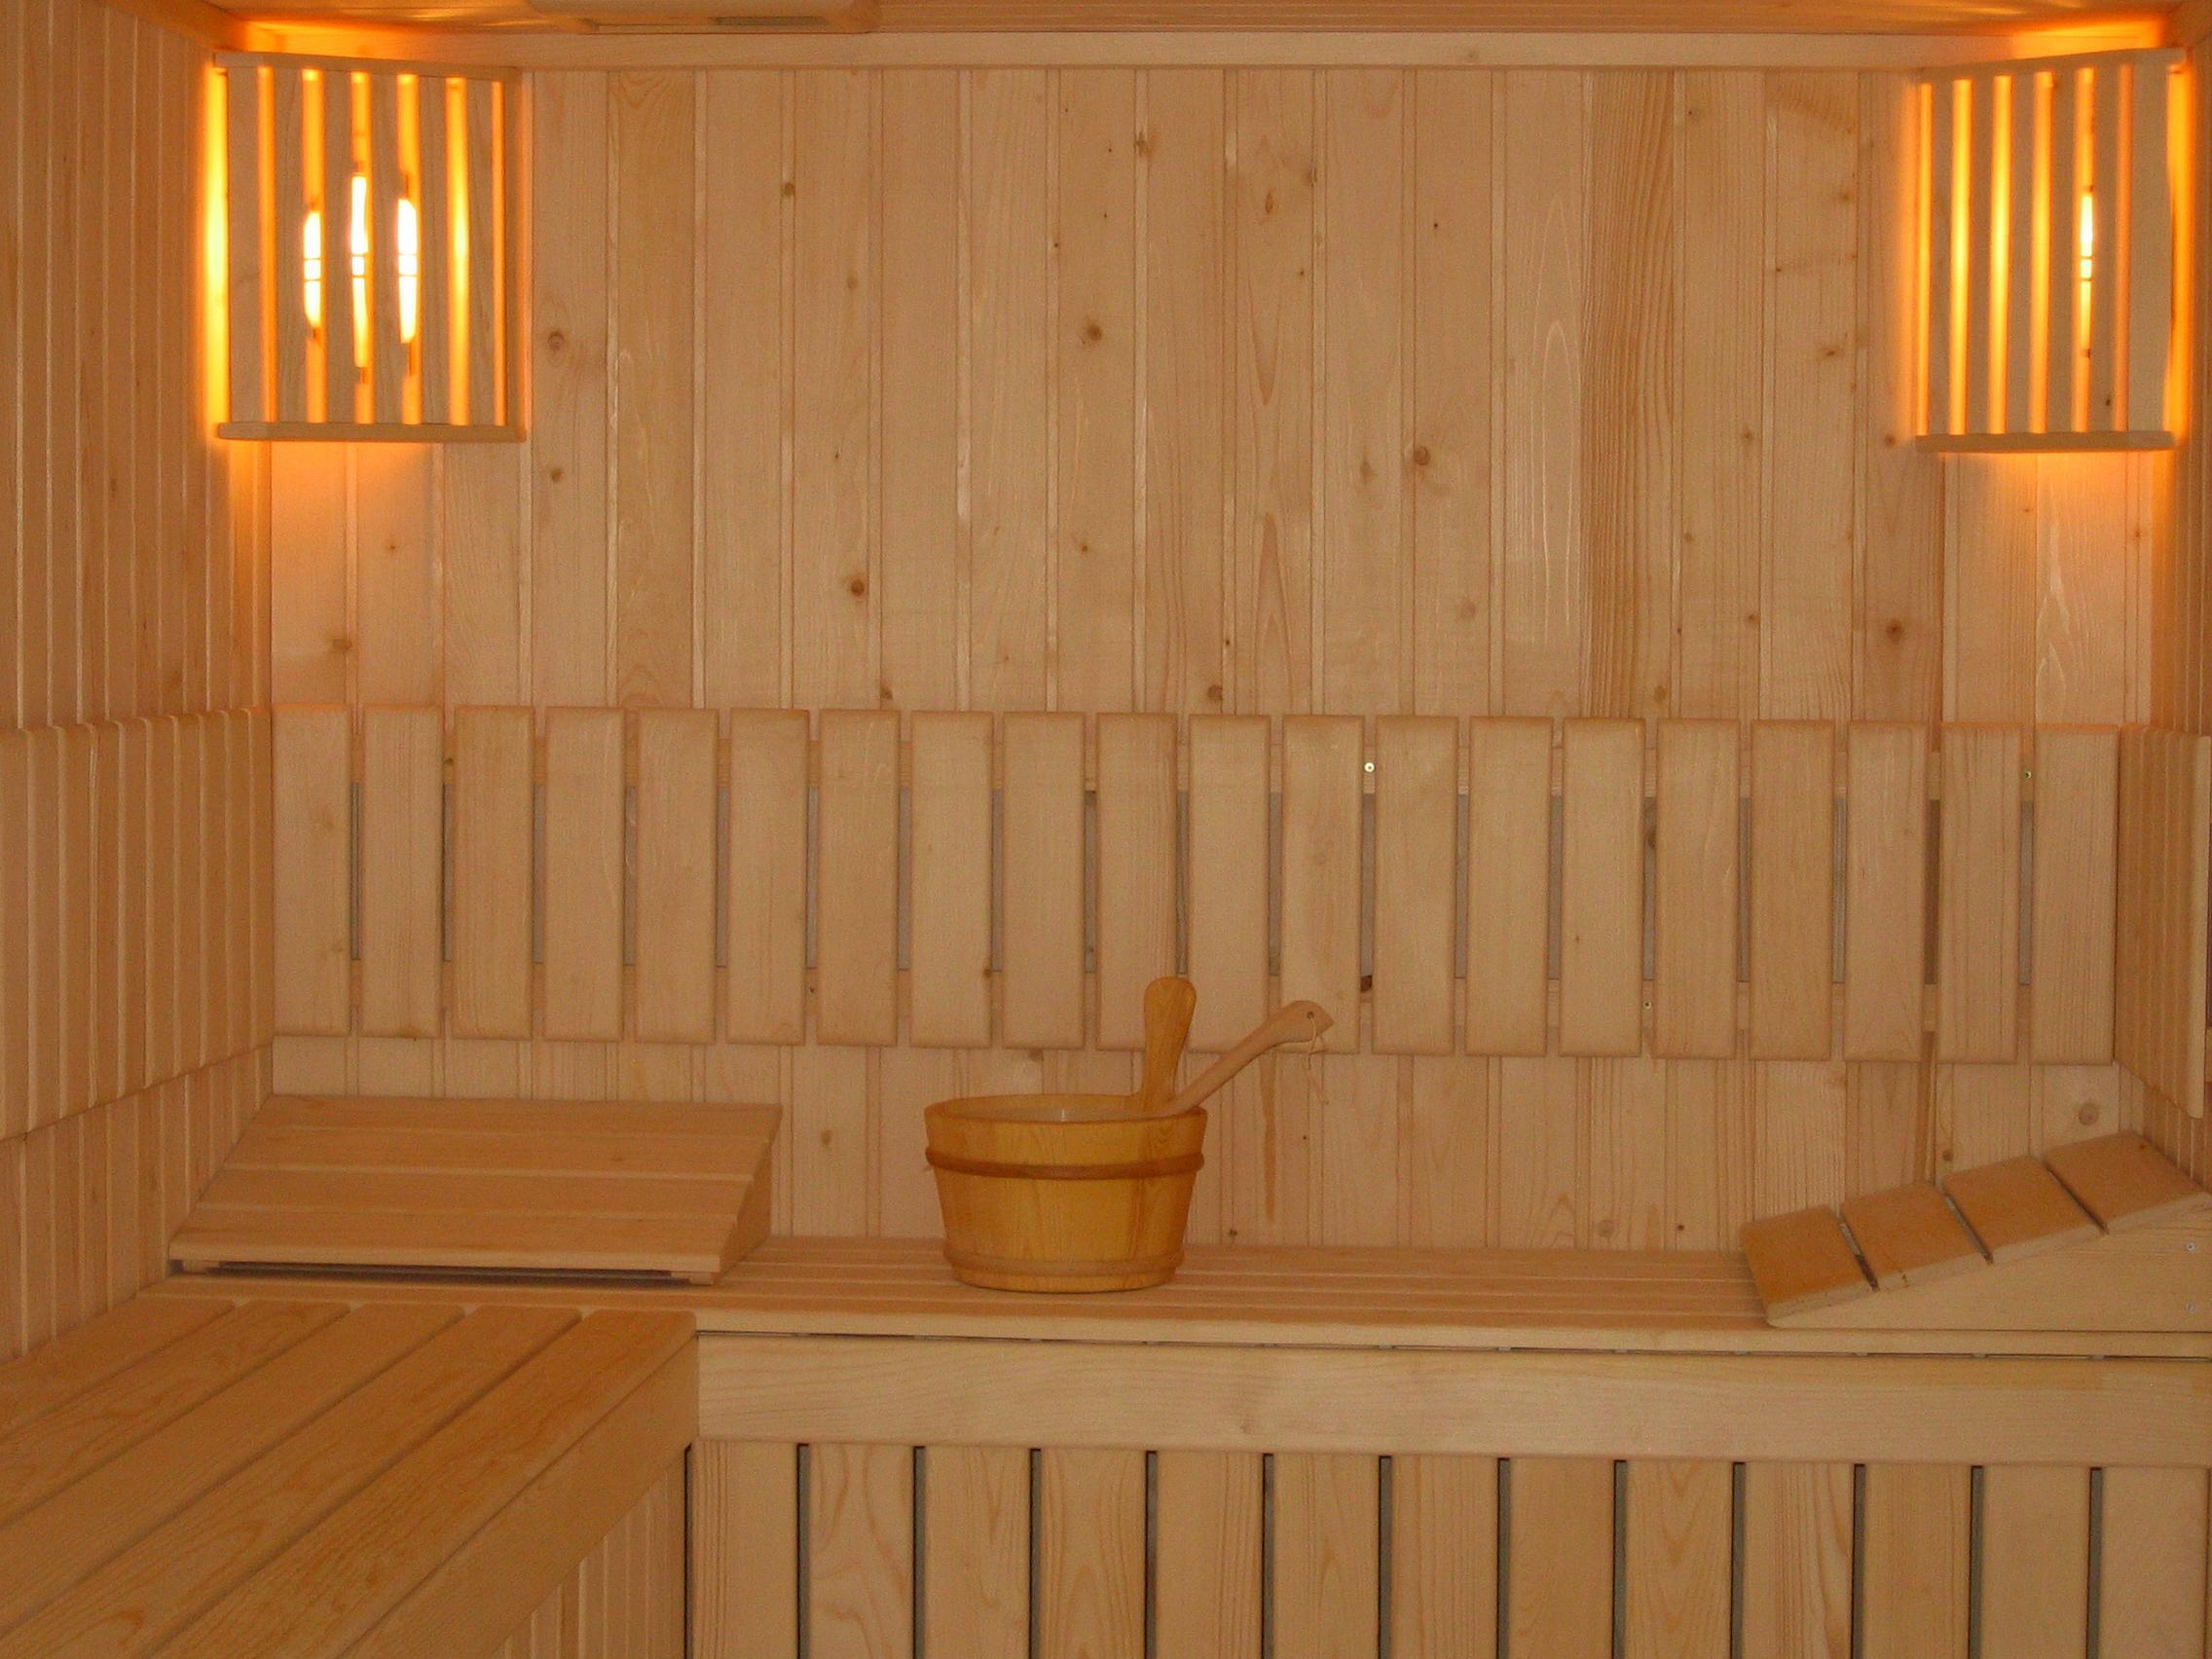 Saune uscate - FINLANDEZA HOBBIT CONCEPT RO - Poza 1